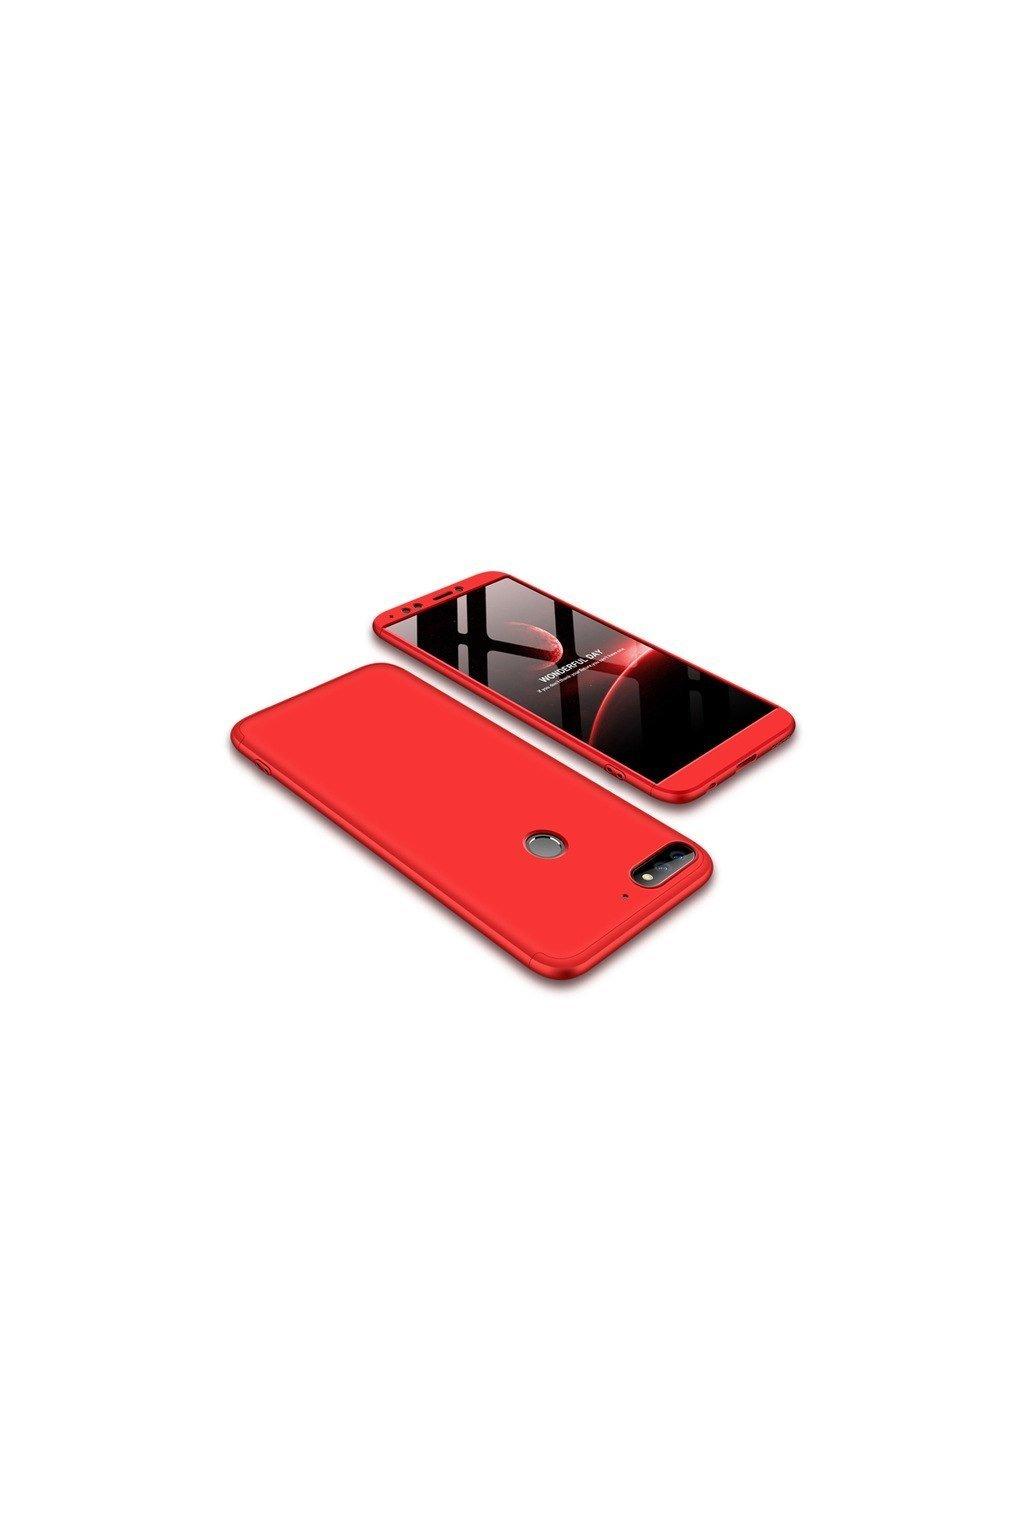 360 Huawei Y7 Prime 2018 red